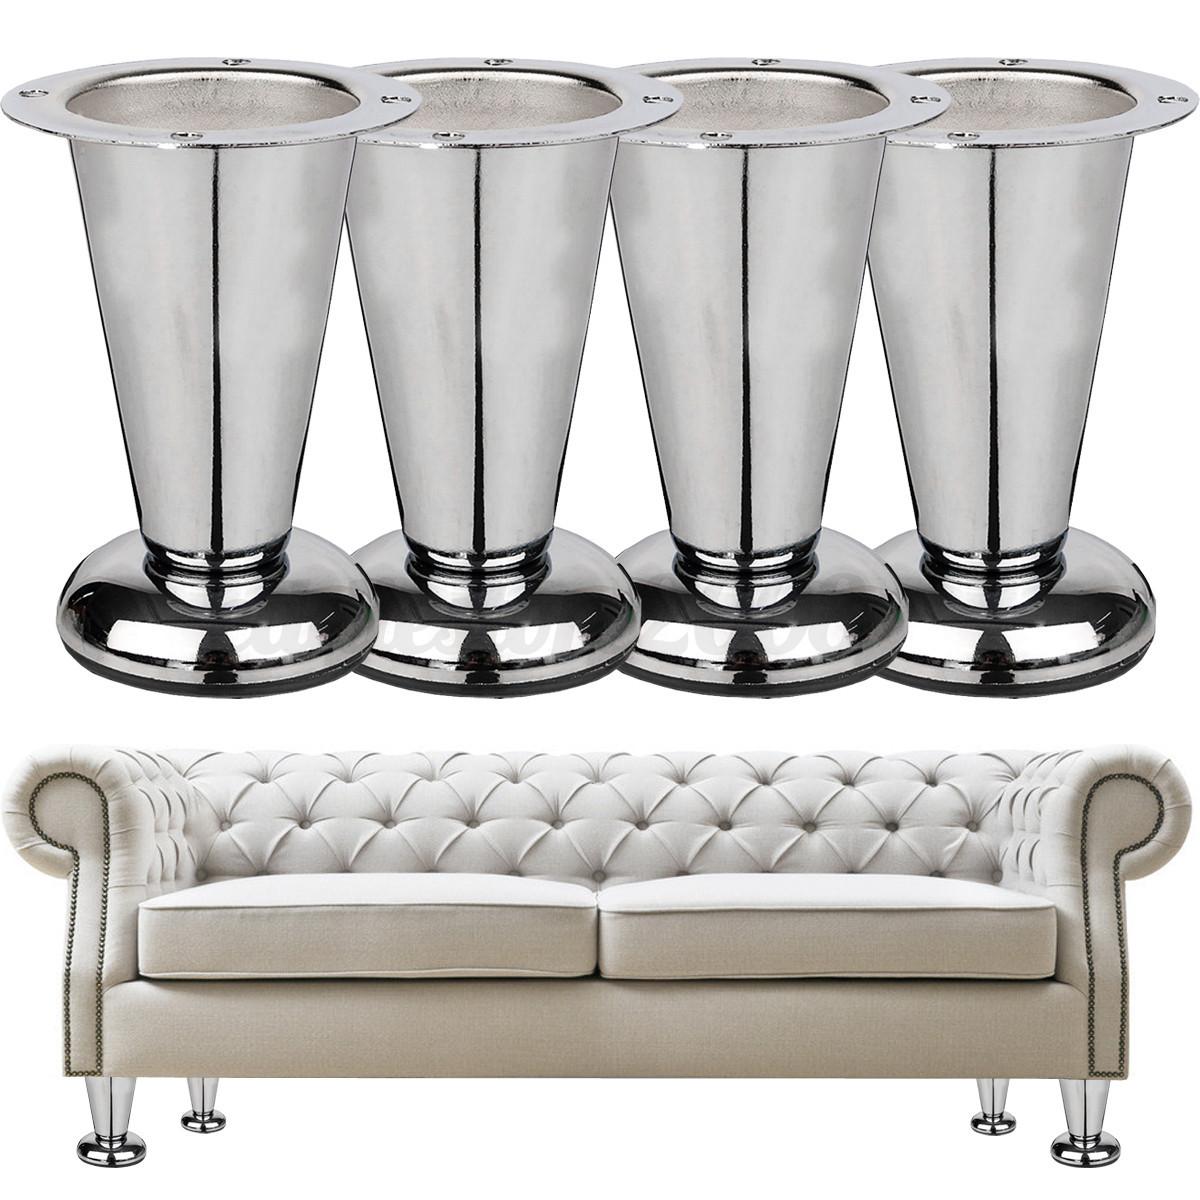 4 39 39 metal chrome taper furniture sofa leg wardrobe bed for Sofa bed 4 foot